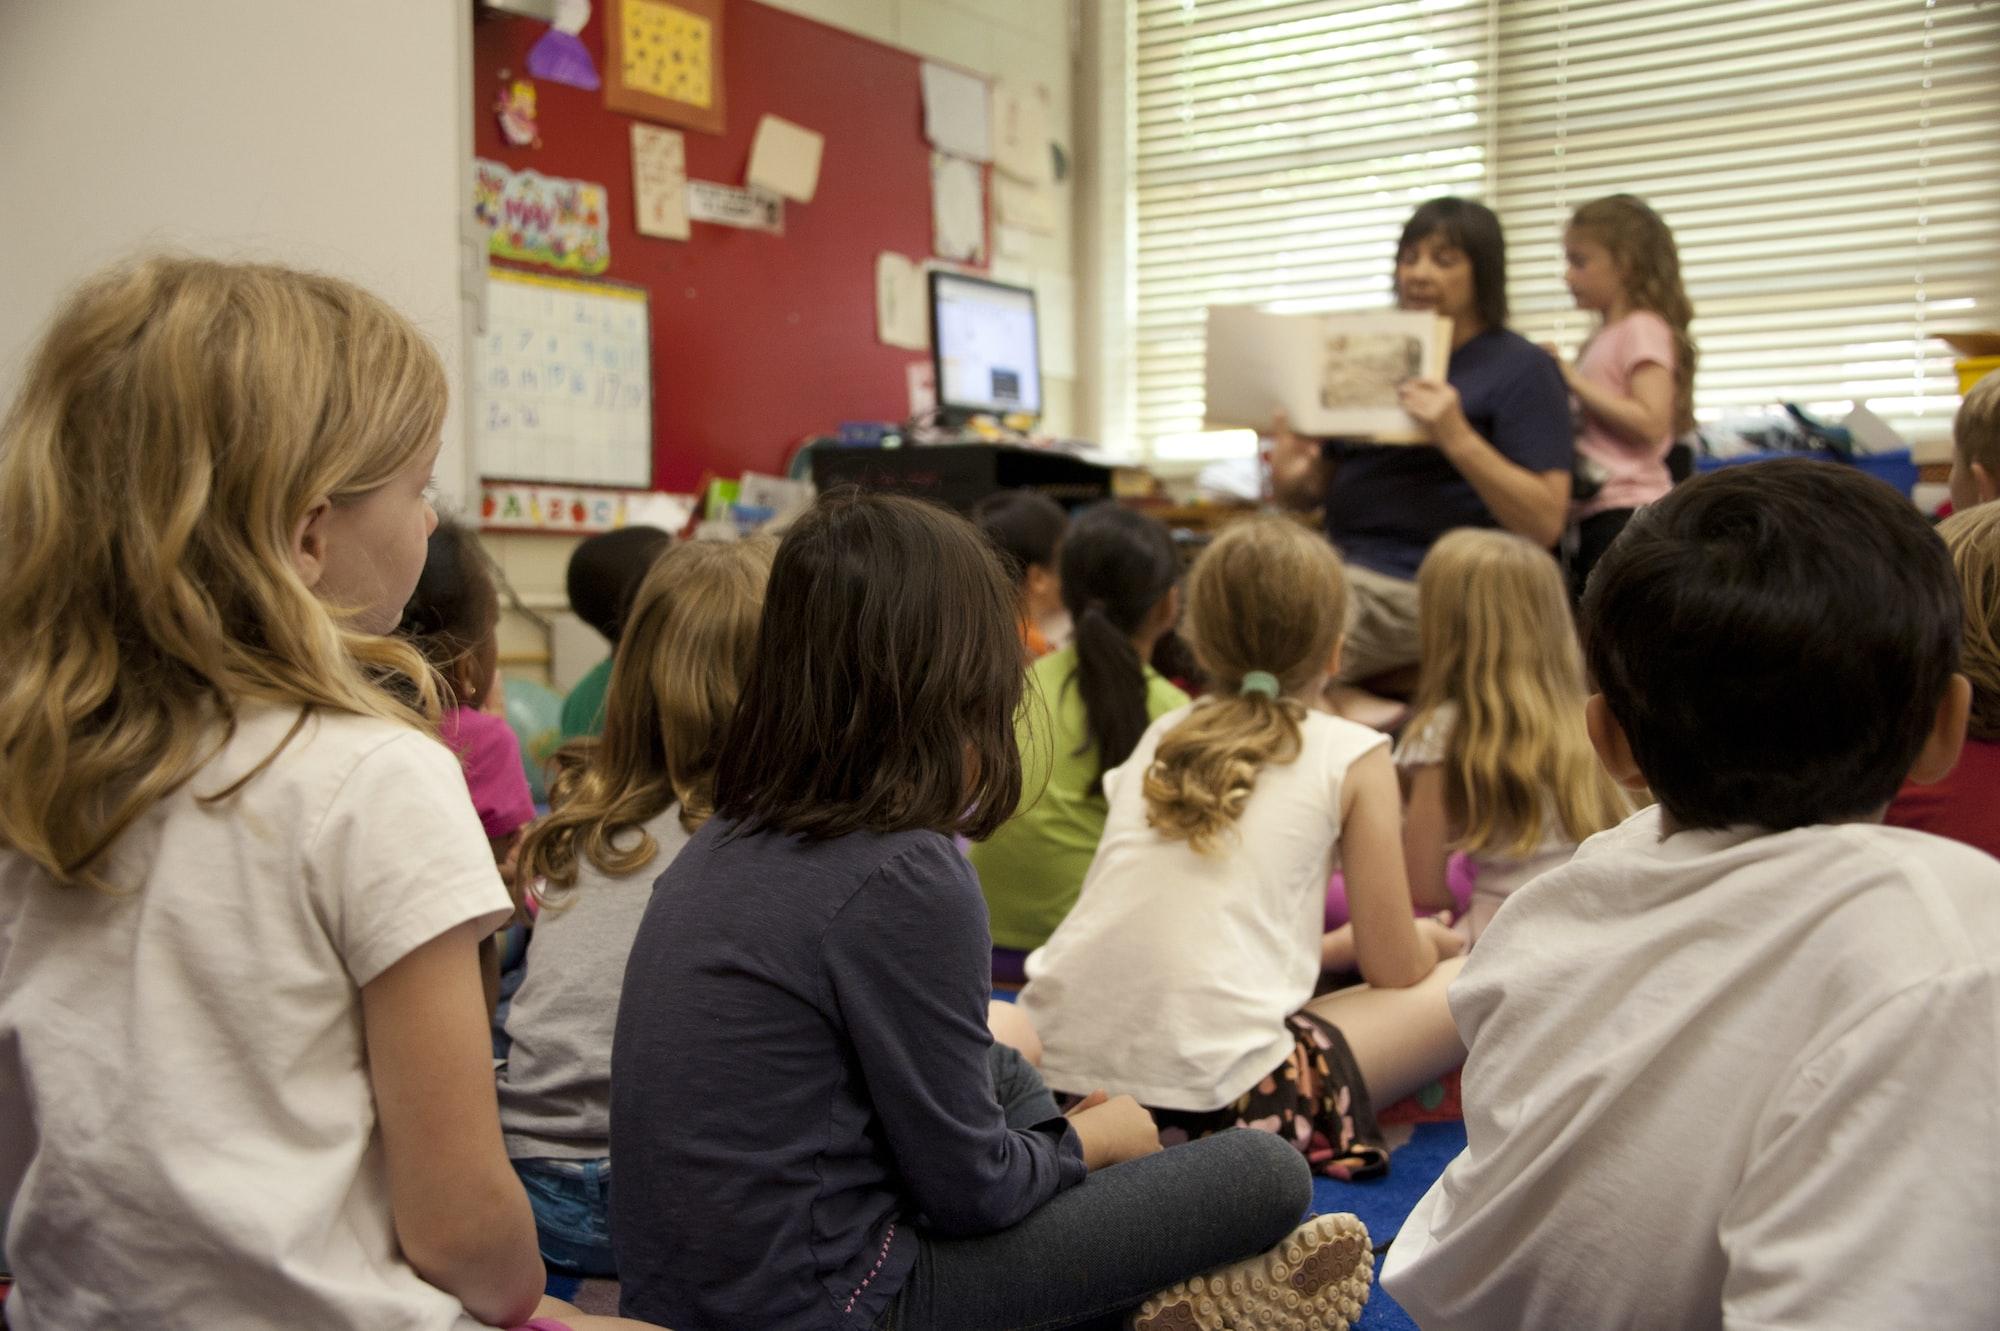 To już odporność stadna? Zdumiewające wyniki badań u nauczycieli w Muszynie